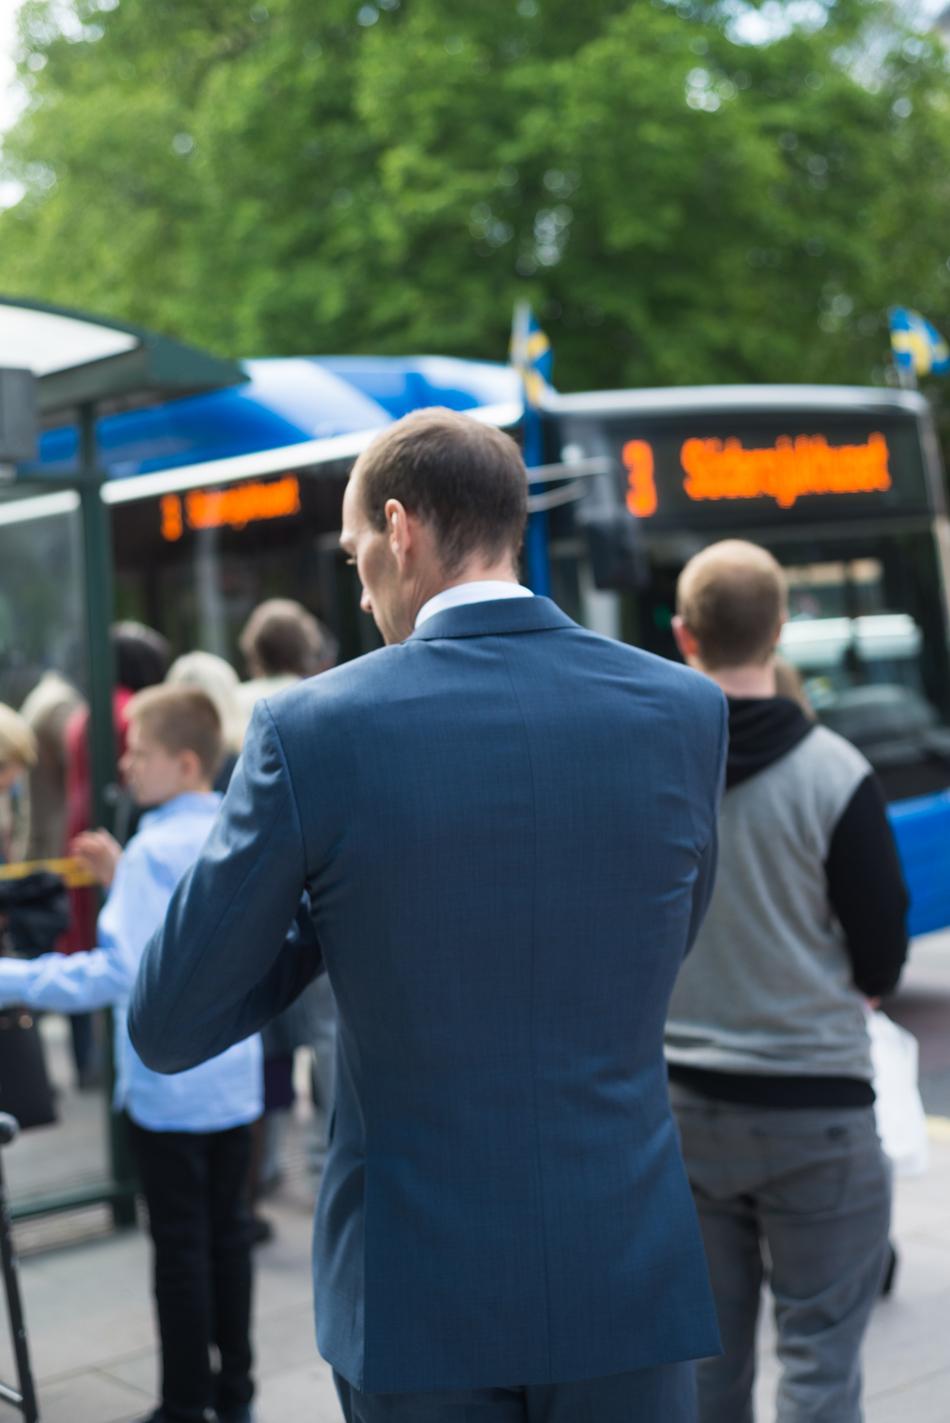 bröllop sl kollektivtrafik